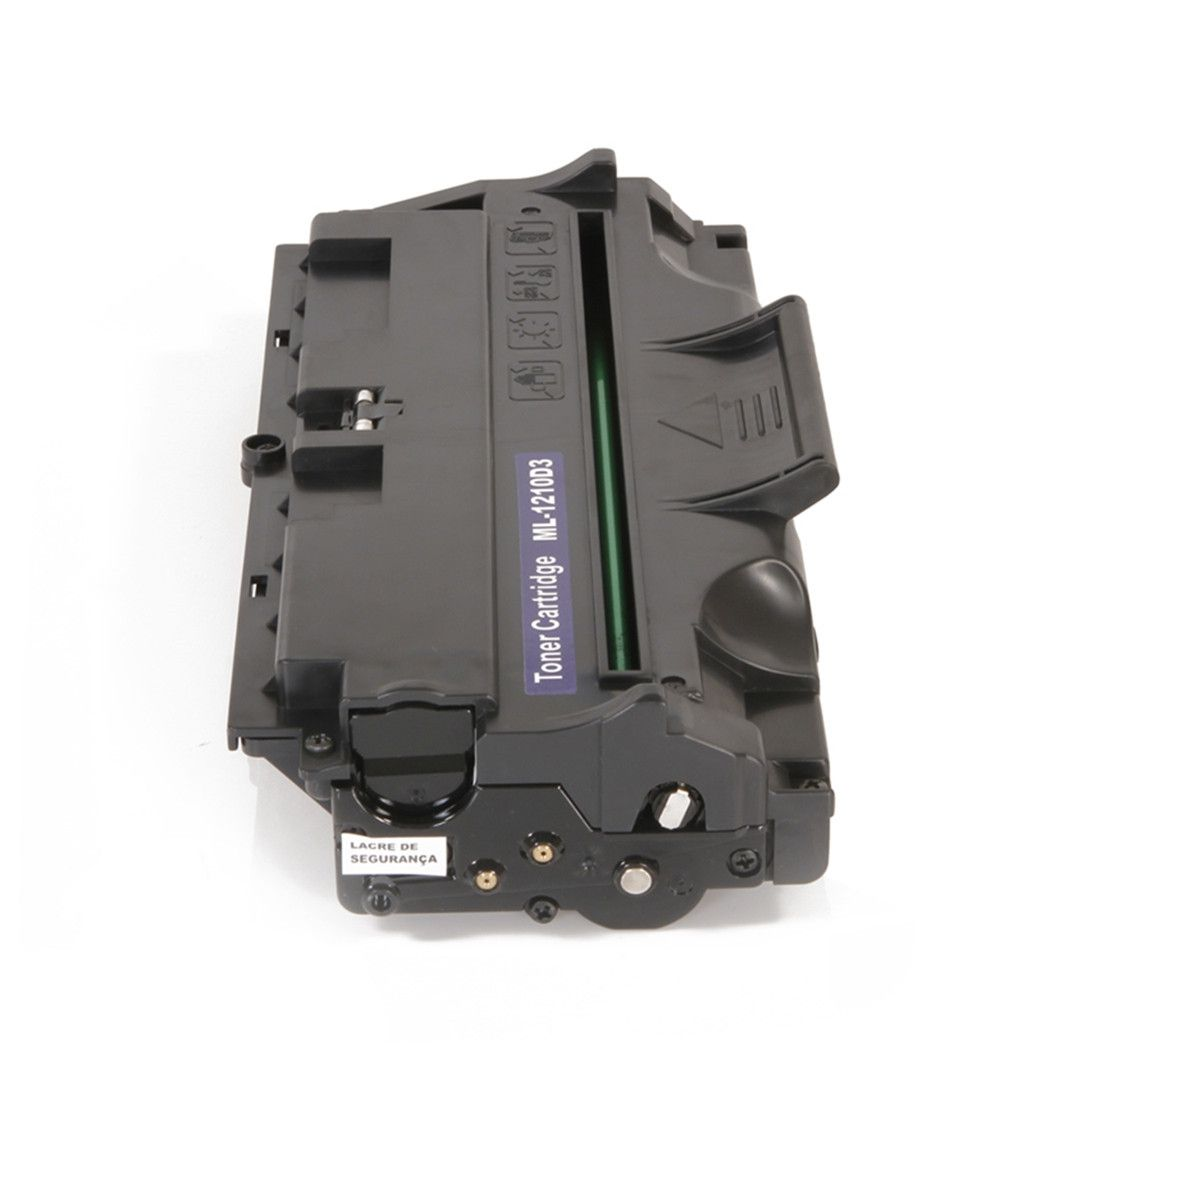 Toner Compatível com Lexmark E210 E212 10s0150 3.000 Páginas - Cartucho & Cia.